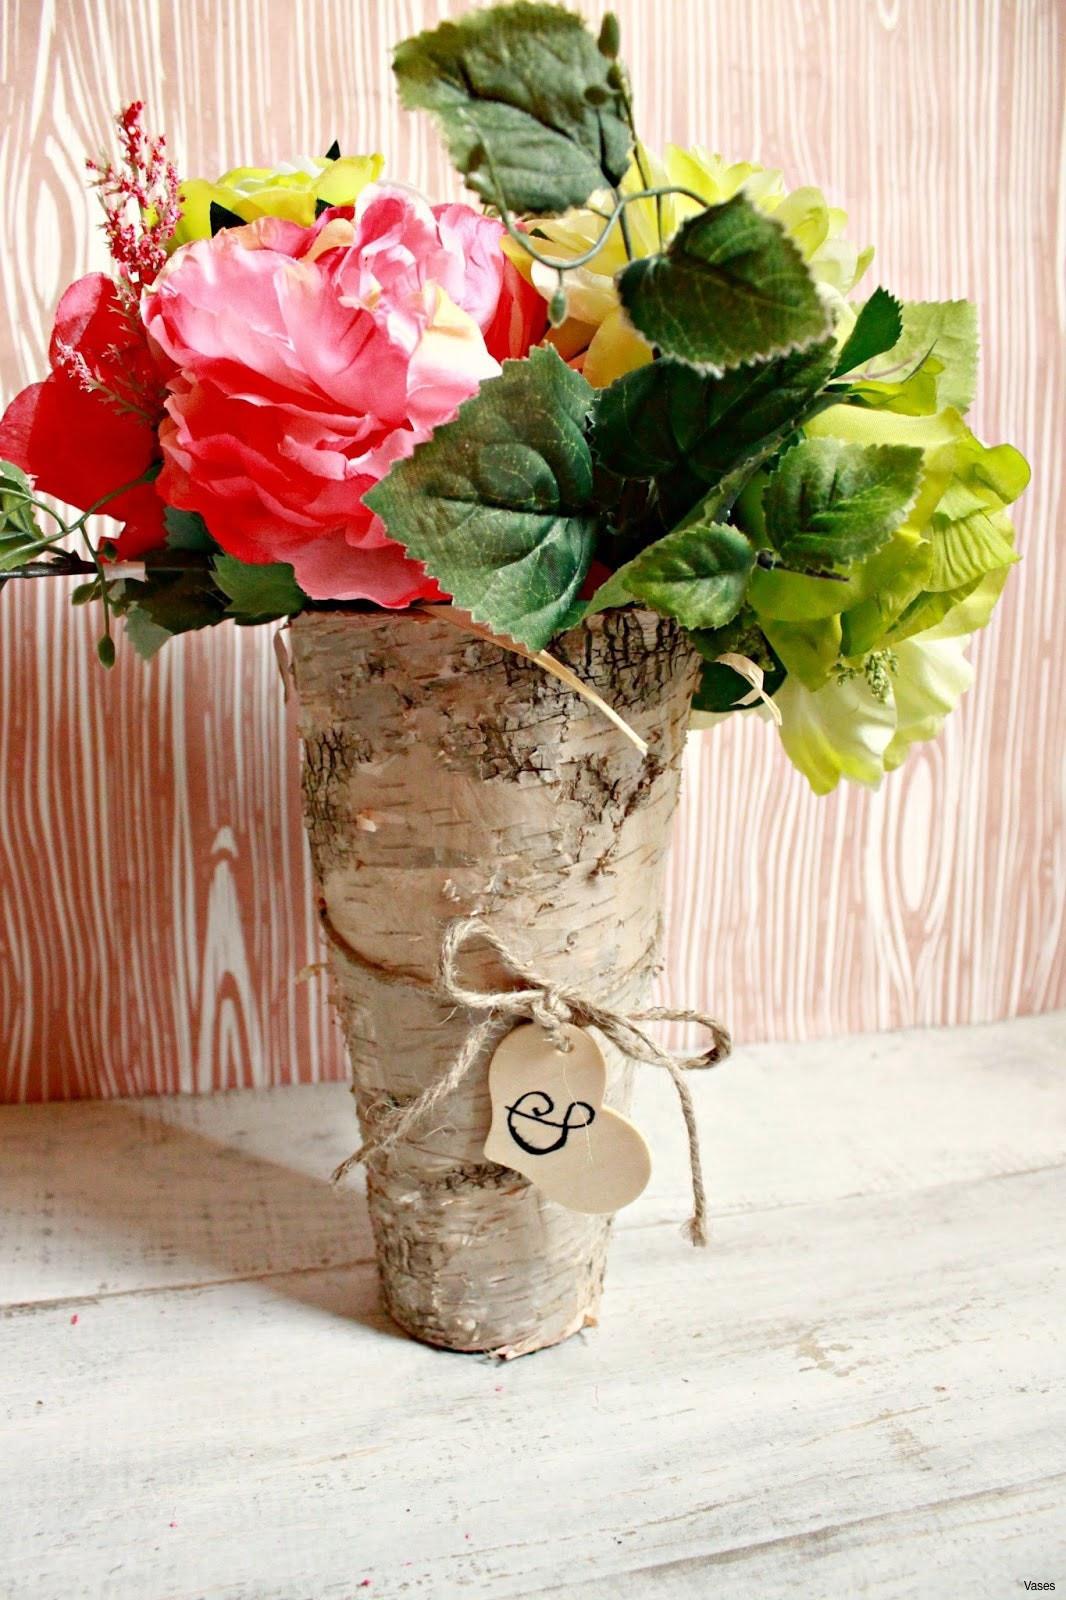 Vase for Long Stem Flowers Of Flower Bouquet Floral Arrangement Inspiration In Flower Birthday Images Ideas H Vases Diy Wood Vase I 0d Base Turntable Baseboard Design Ideas